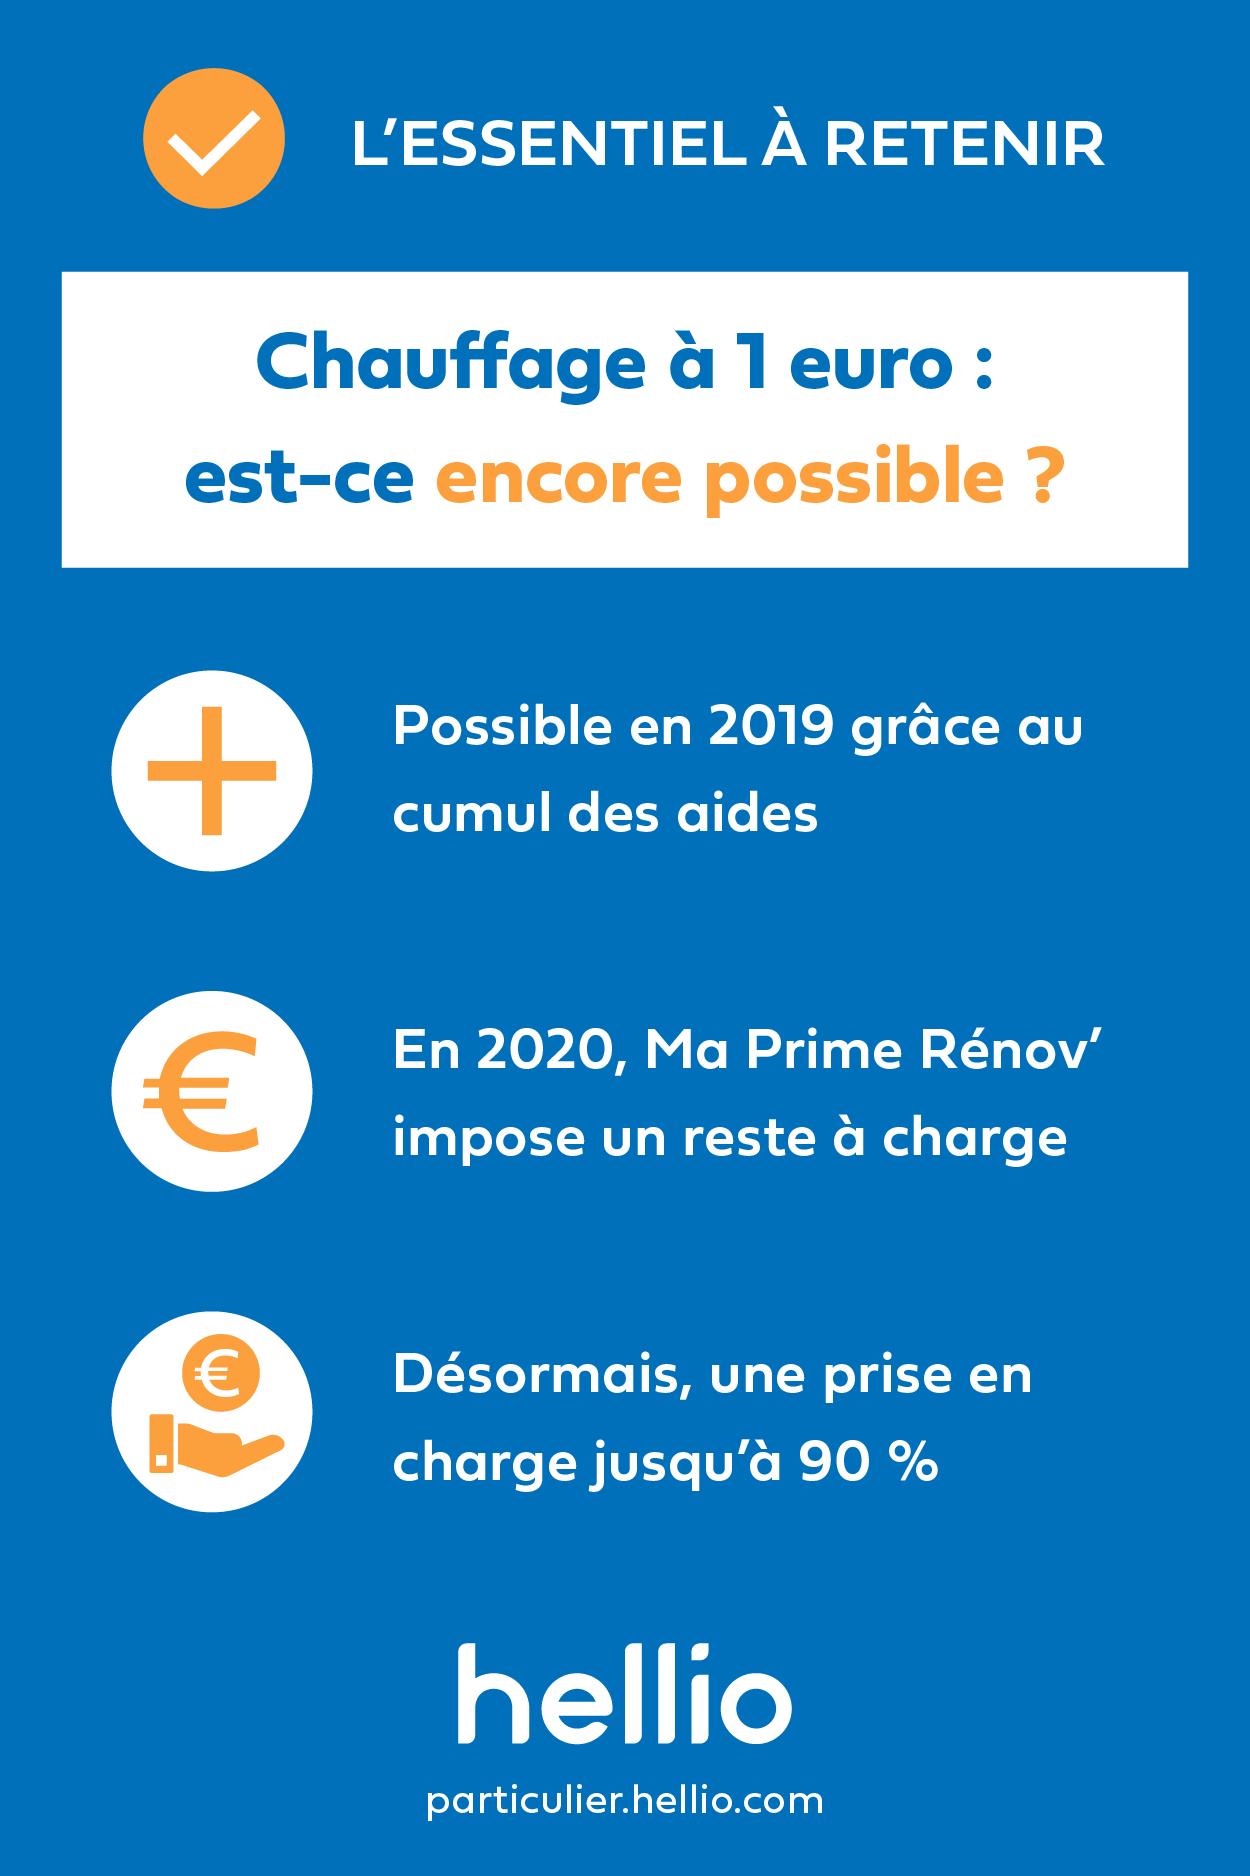 infographie-essentiel-retenir-hellio-particulier-chauffage-1-euro